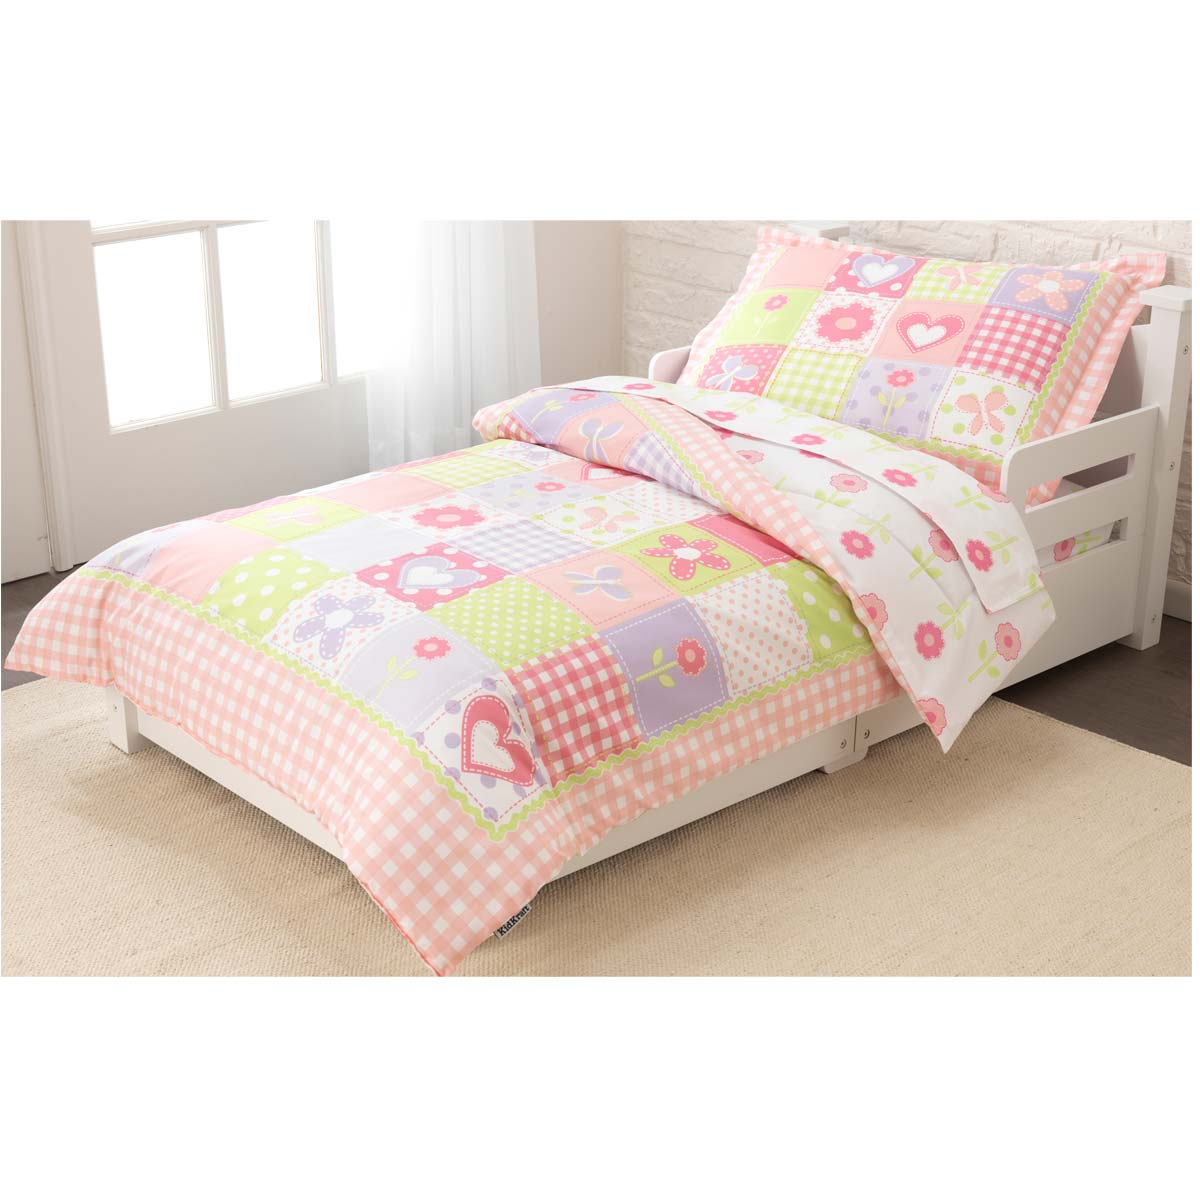 Kidkraft 77008 biancheria da letto per bambini - Biancheria per letto ...